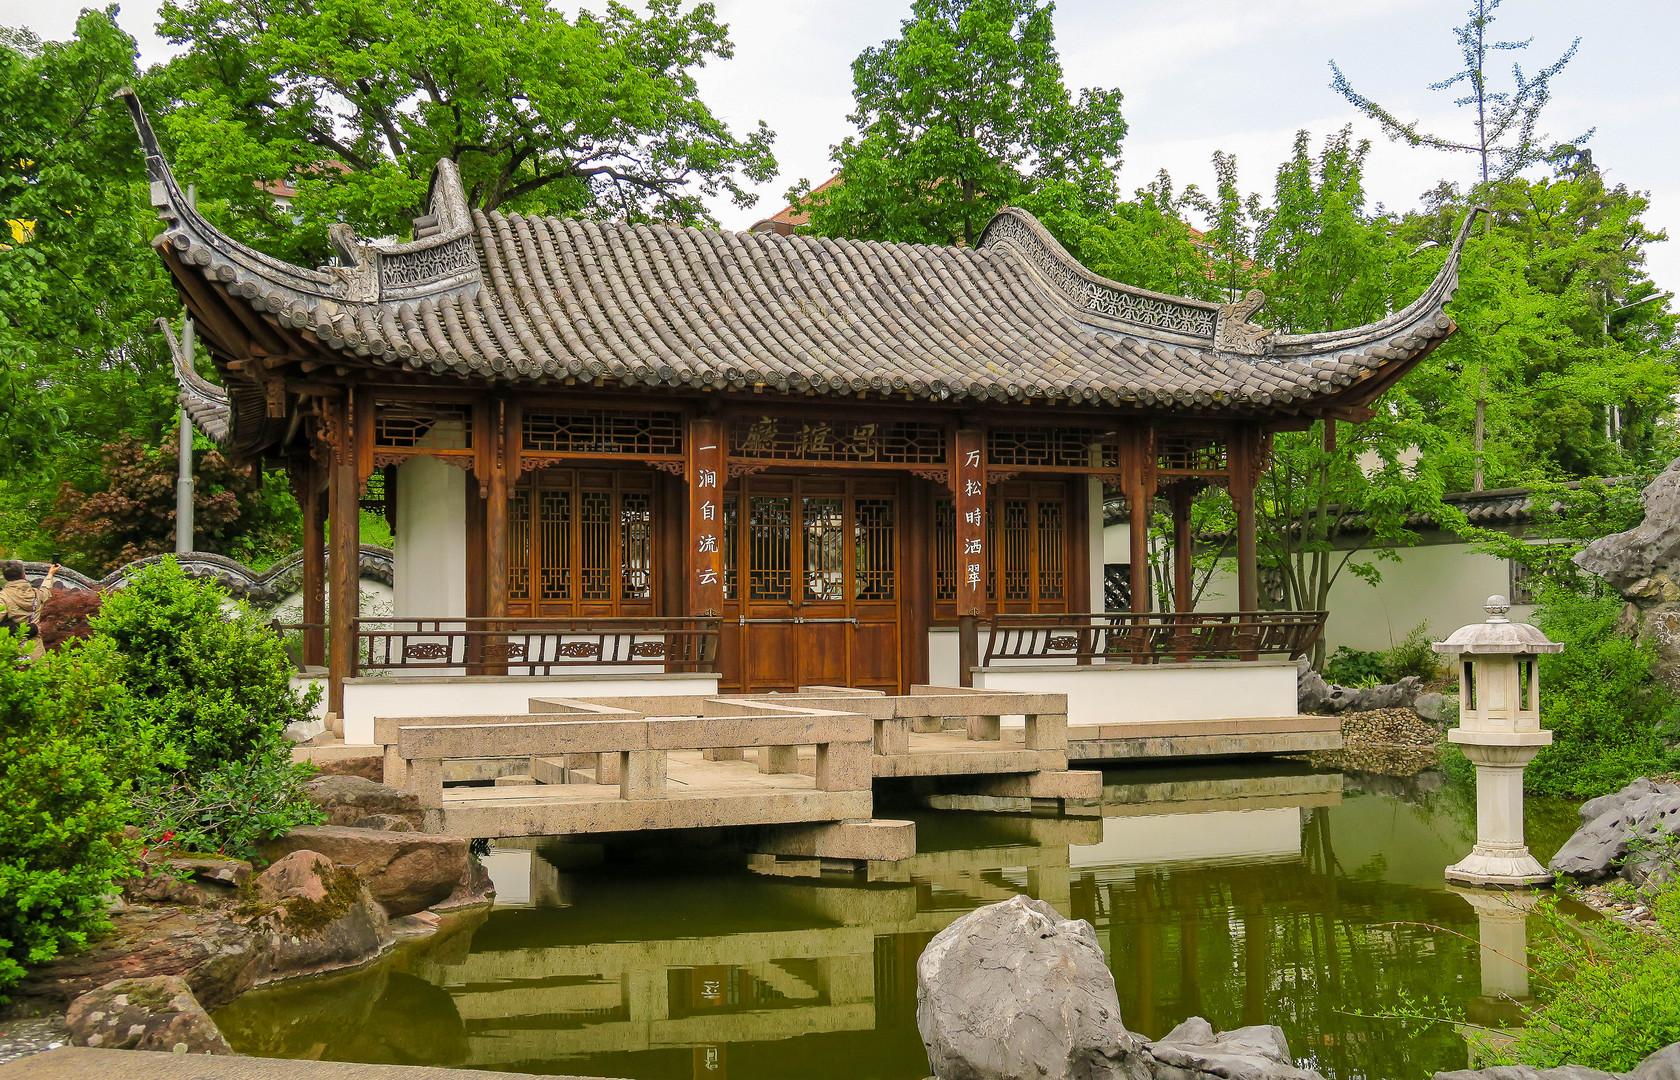 Stuttgart Chinesischer Garten Foto Bild Architektur Kultur